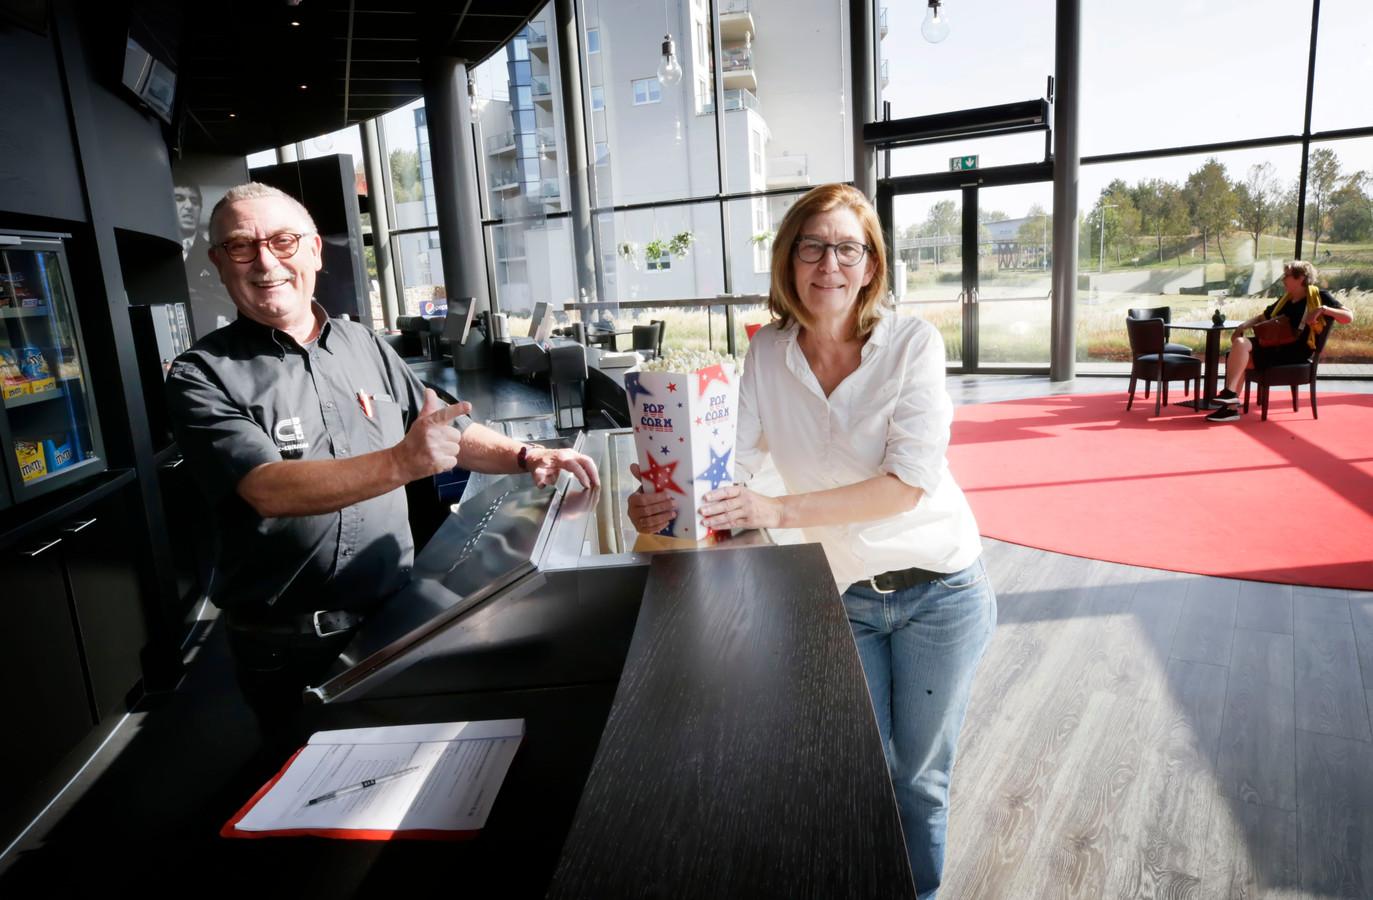 Carlo Lambregts van de bioscoop en Ria Adriaansen van filmclub Cinema Paradiso.